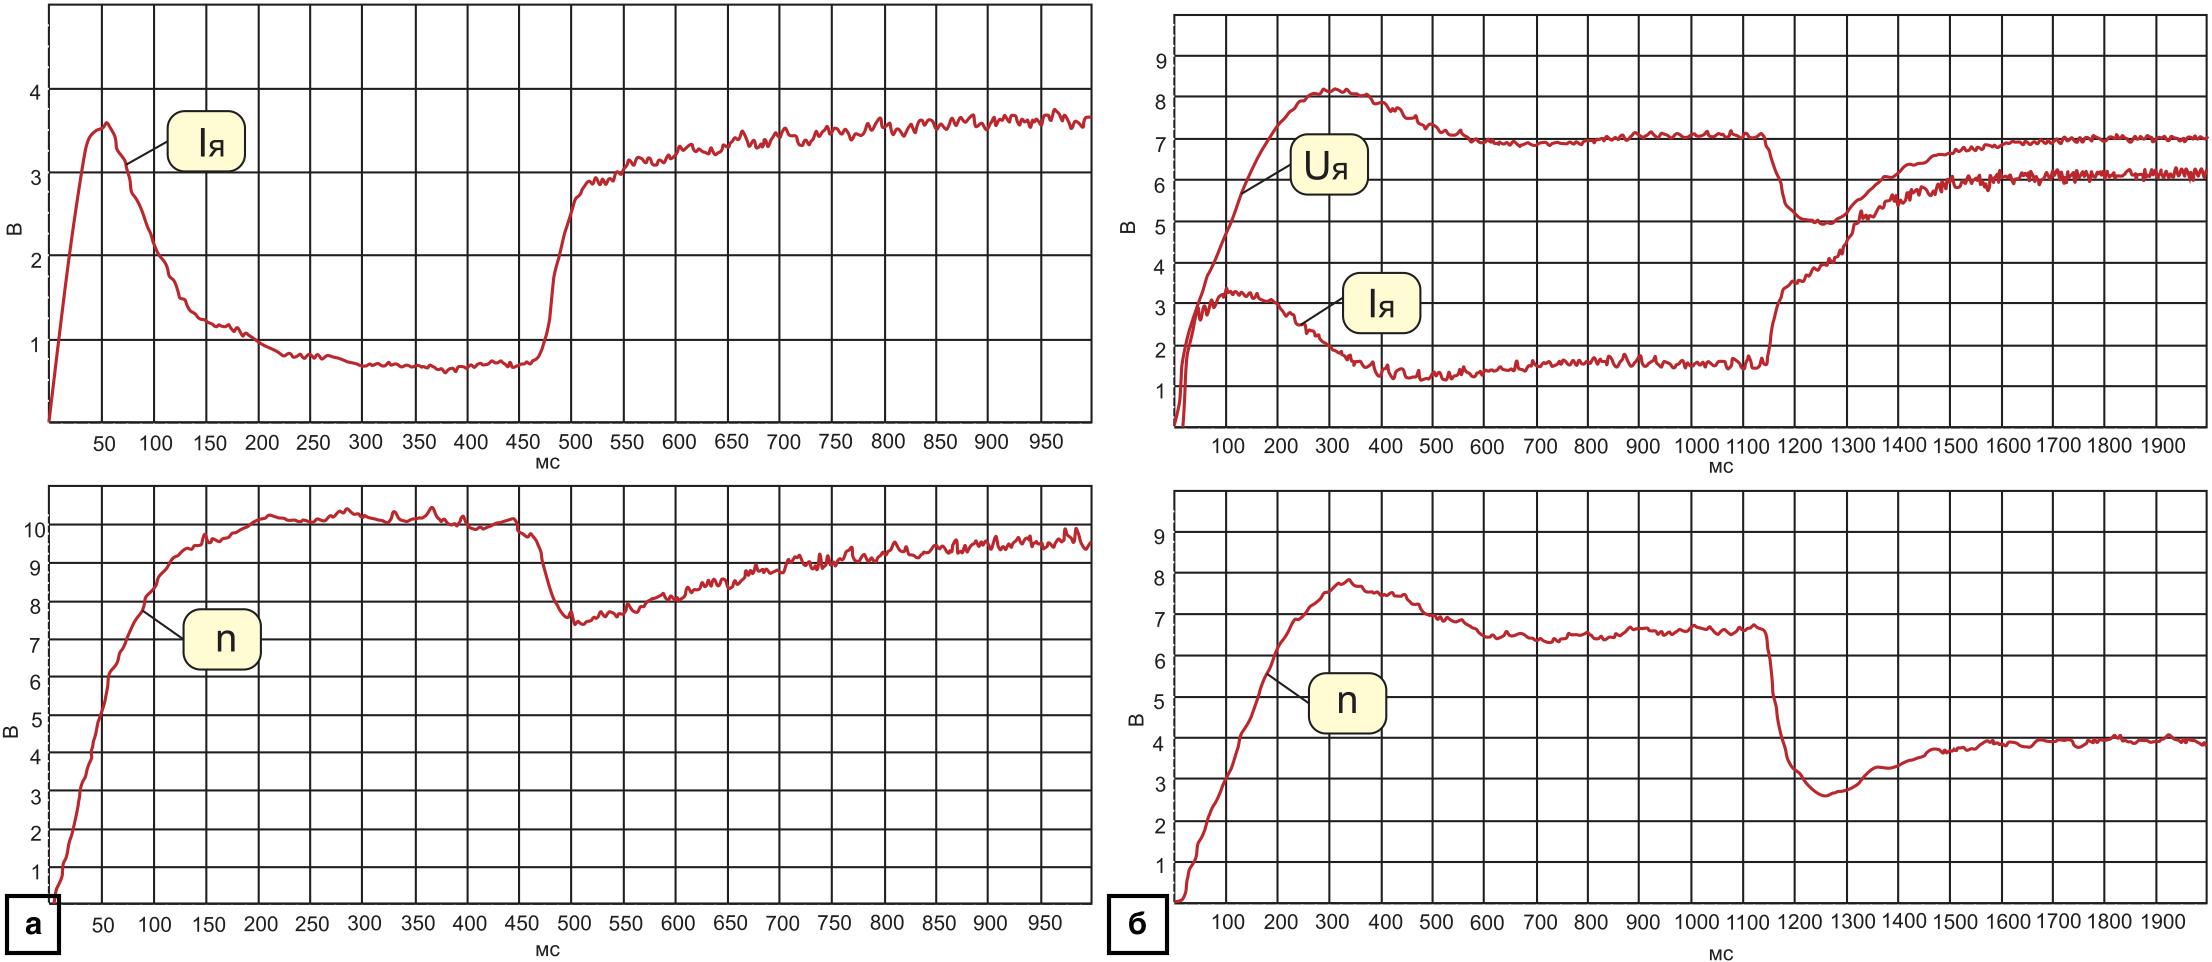 Временные диаграммы работы электропривода с внешним контуром скорости и с внешним контуром напряжения